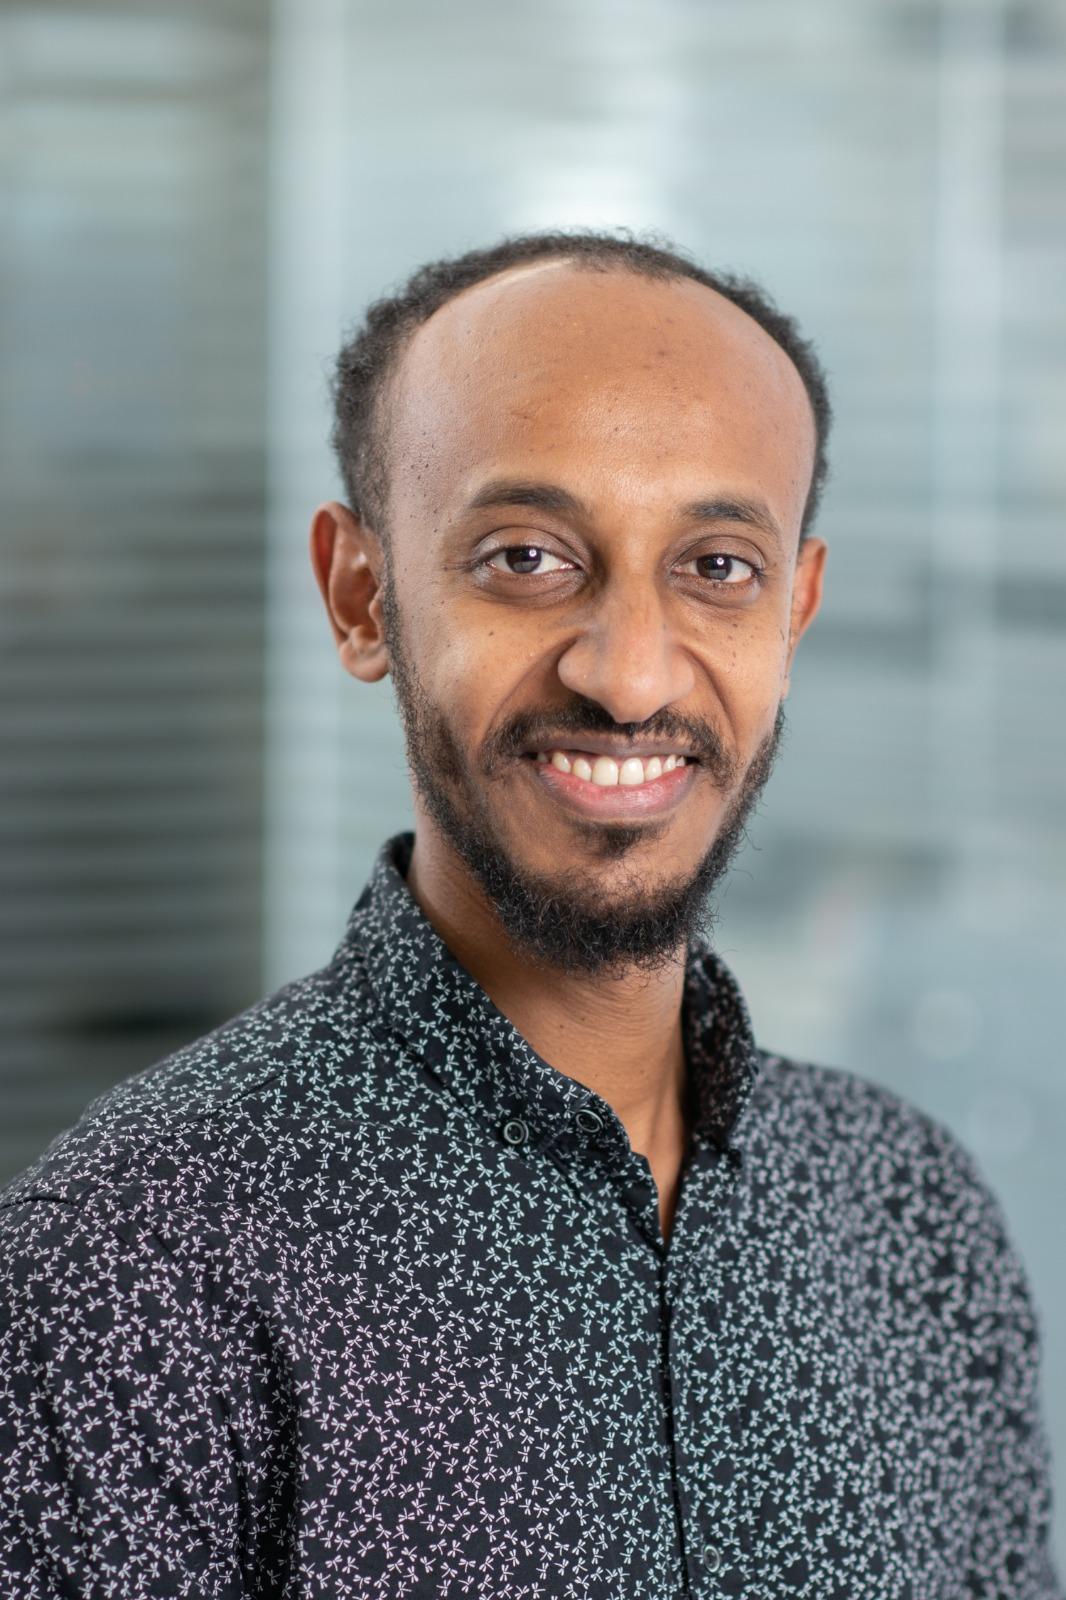 Abdul Taj